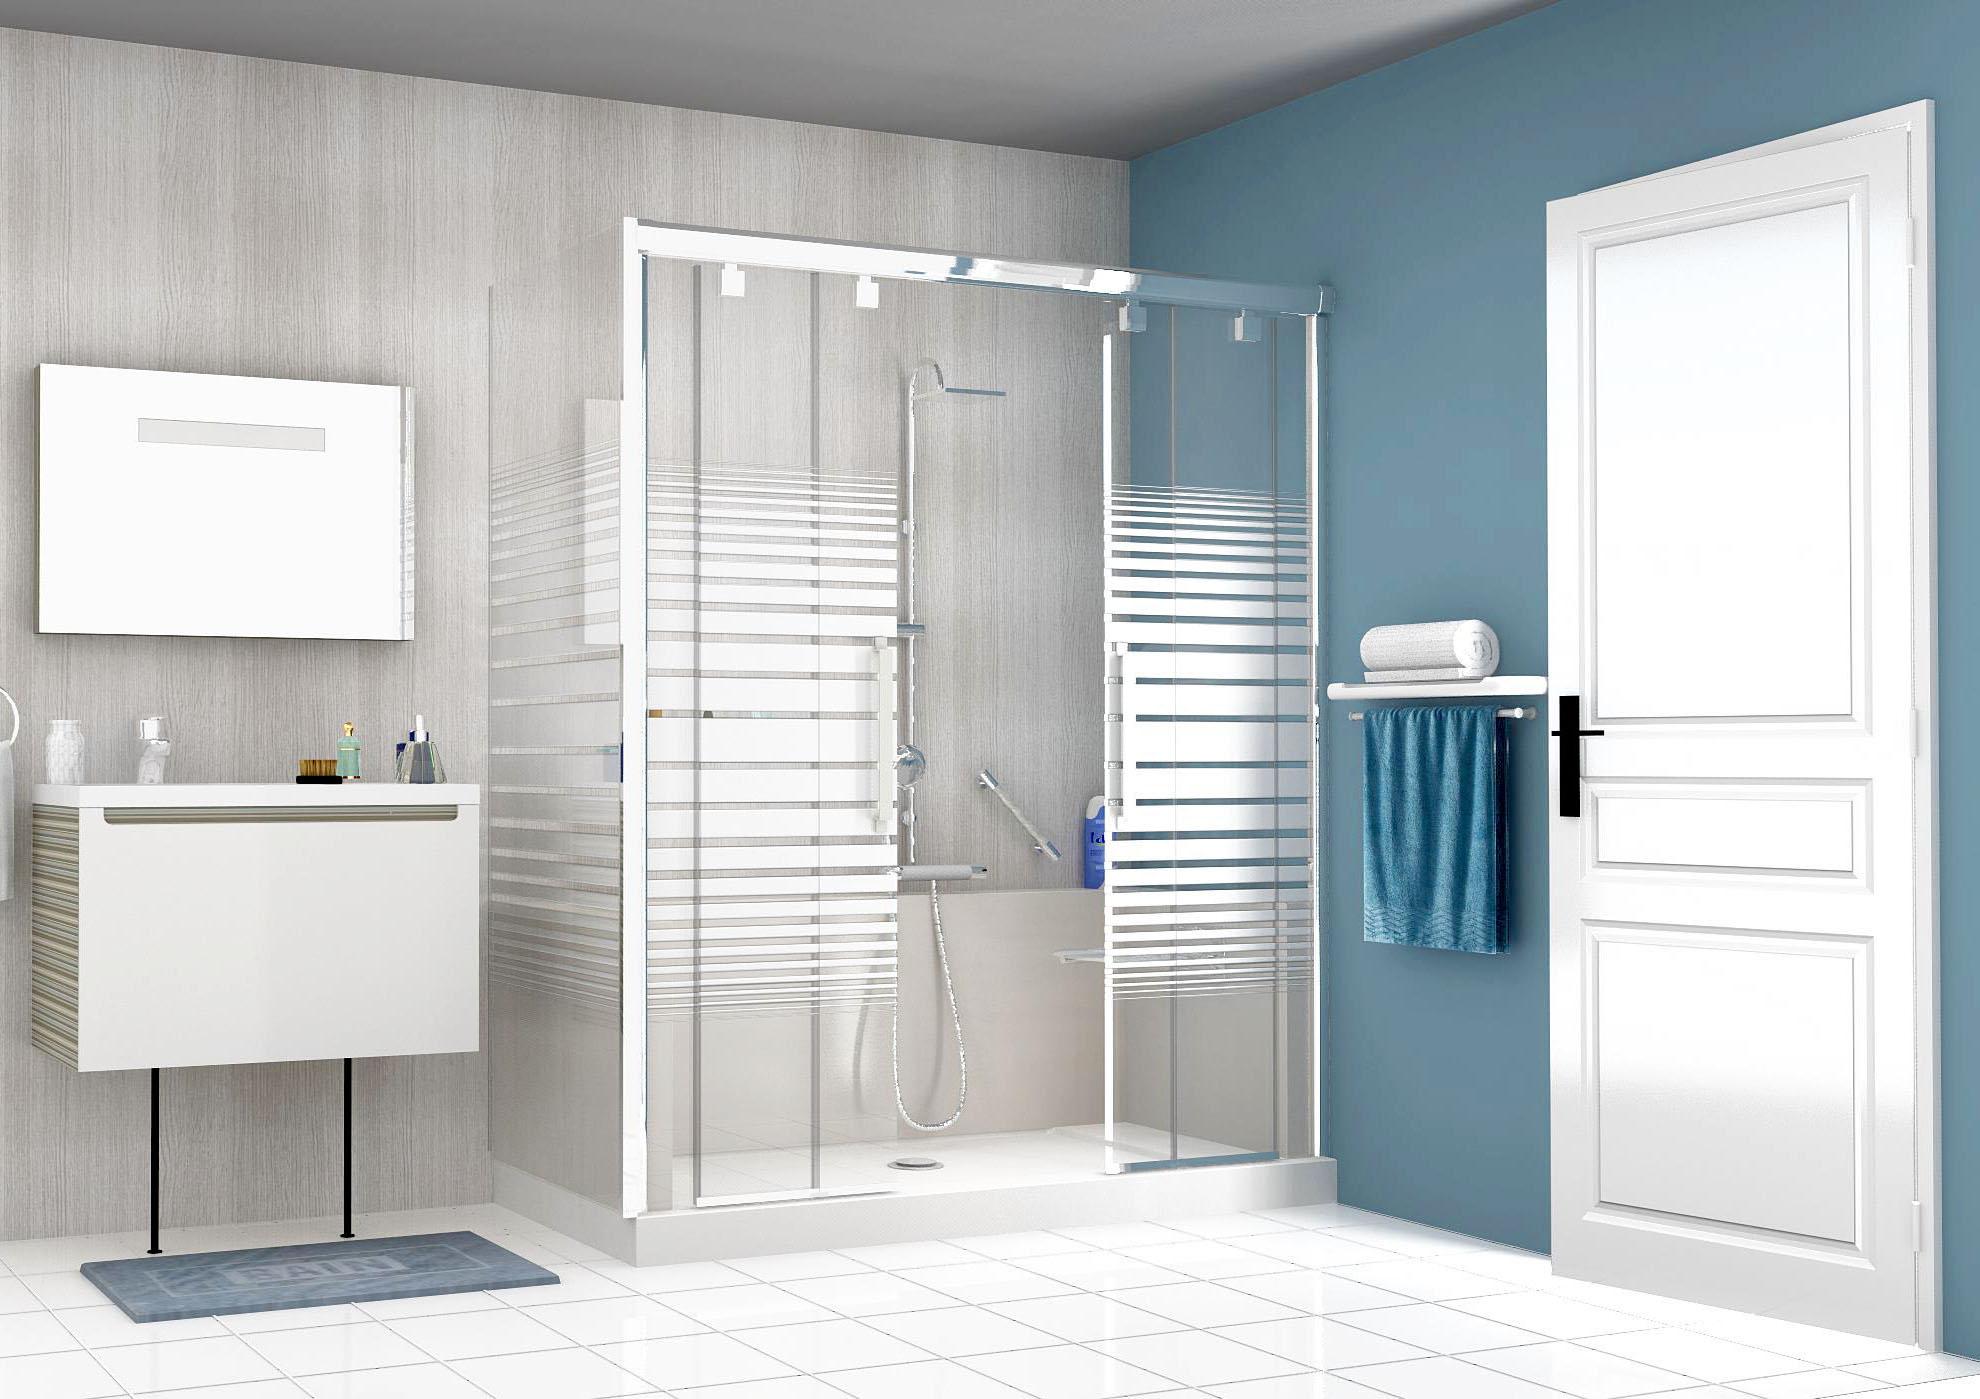 Douche vitrée Easy Shower : réalisation 3D